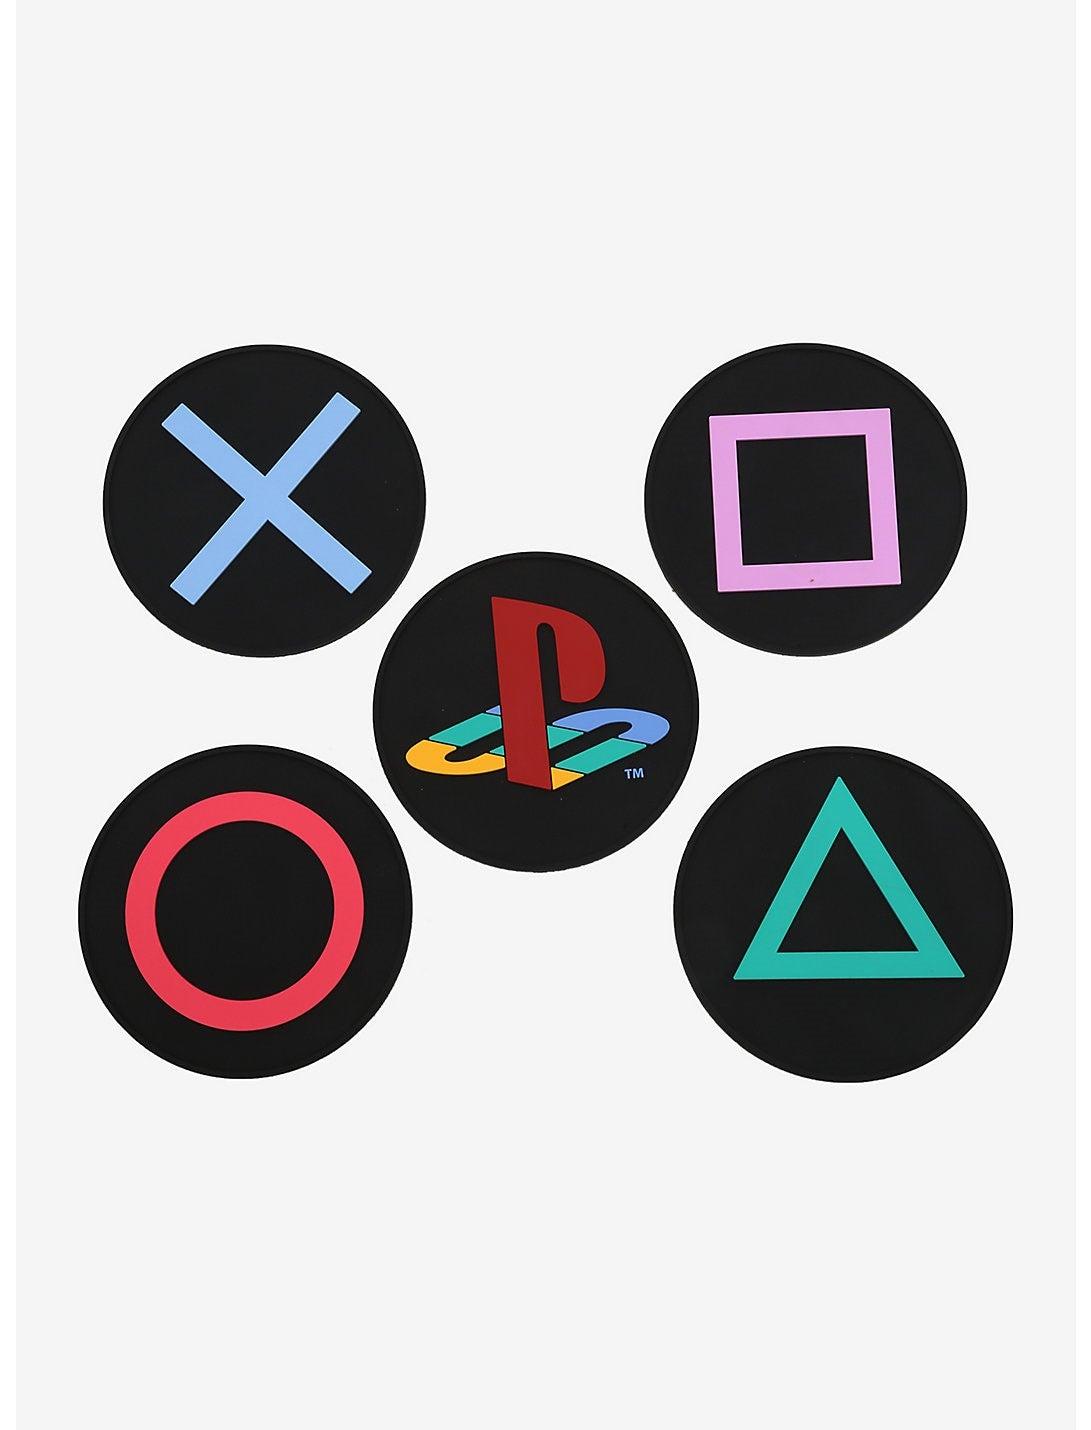 Sony-PlayStation-Coaster-set-with-Tin.jpg